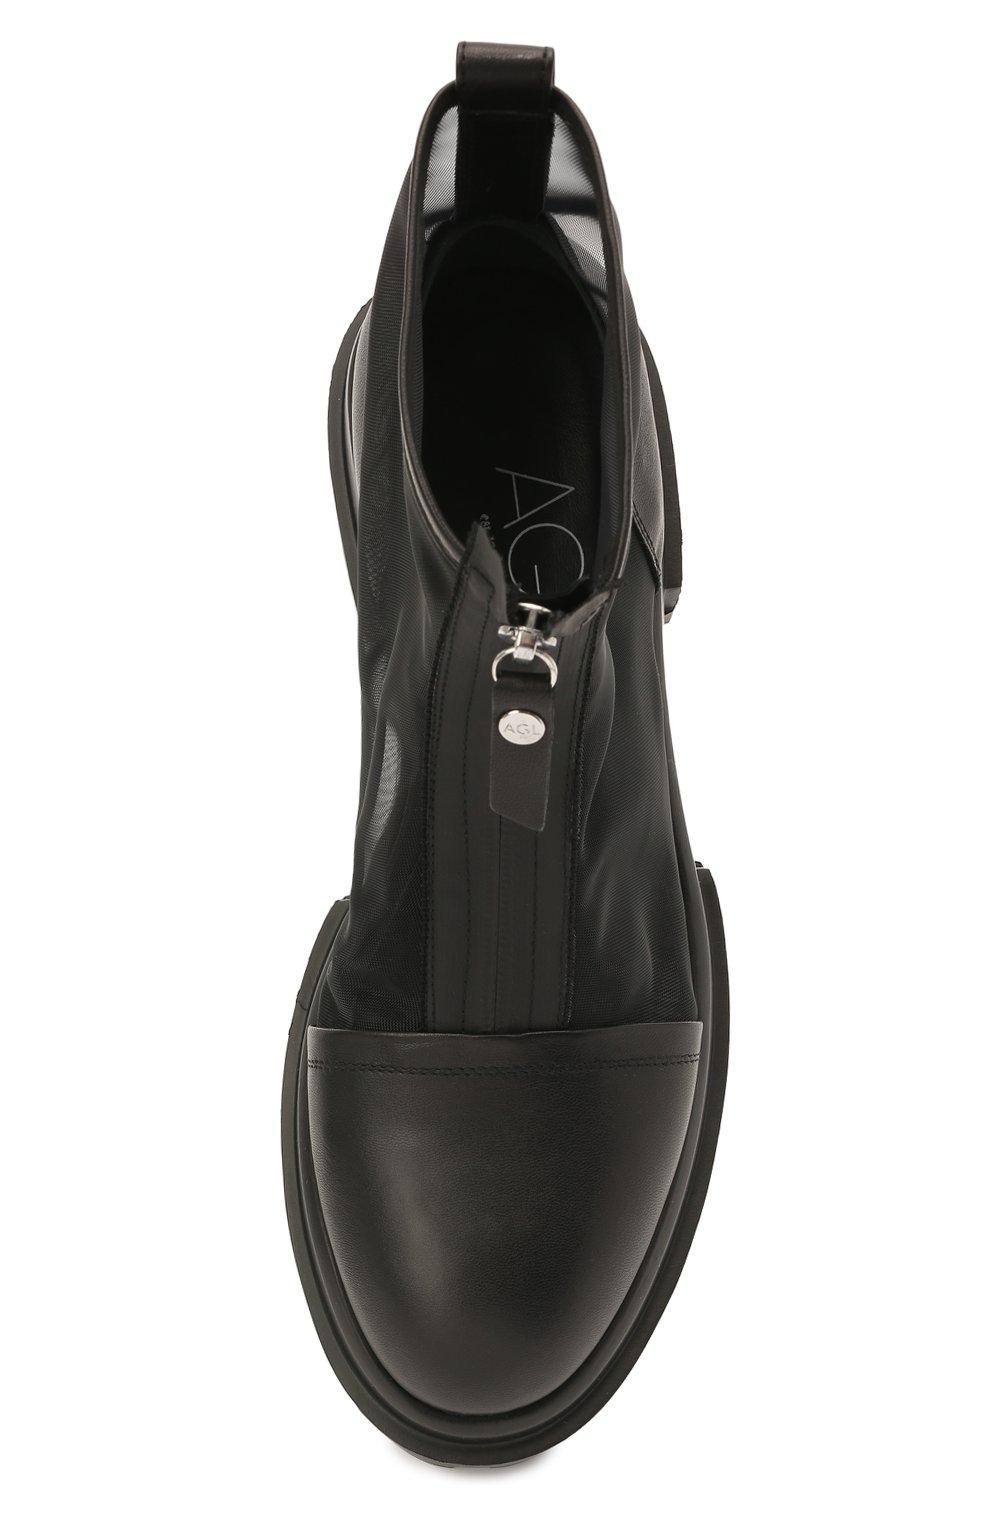 Женские комбинированные ботинки AGL черного цвета, арт. D756559PGKD0411049 | Фото 5 (Материал внешний: Текстиль; Подошва: Платформа; Каблук высота: Низкий; Материал внутренний: Натуральная кожа; Женское Кросс-КТ: Байкеры-ботинки)